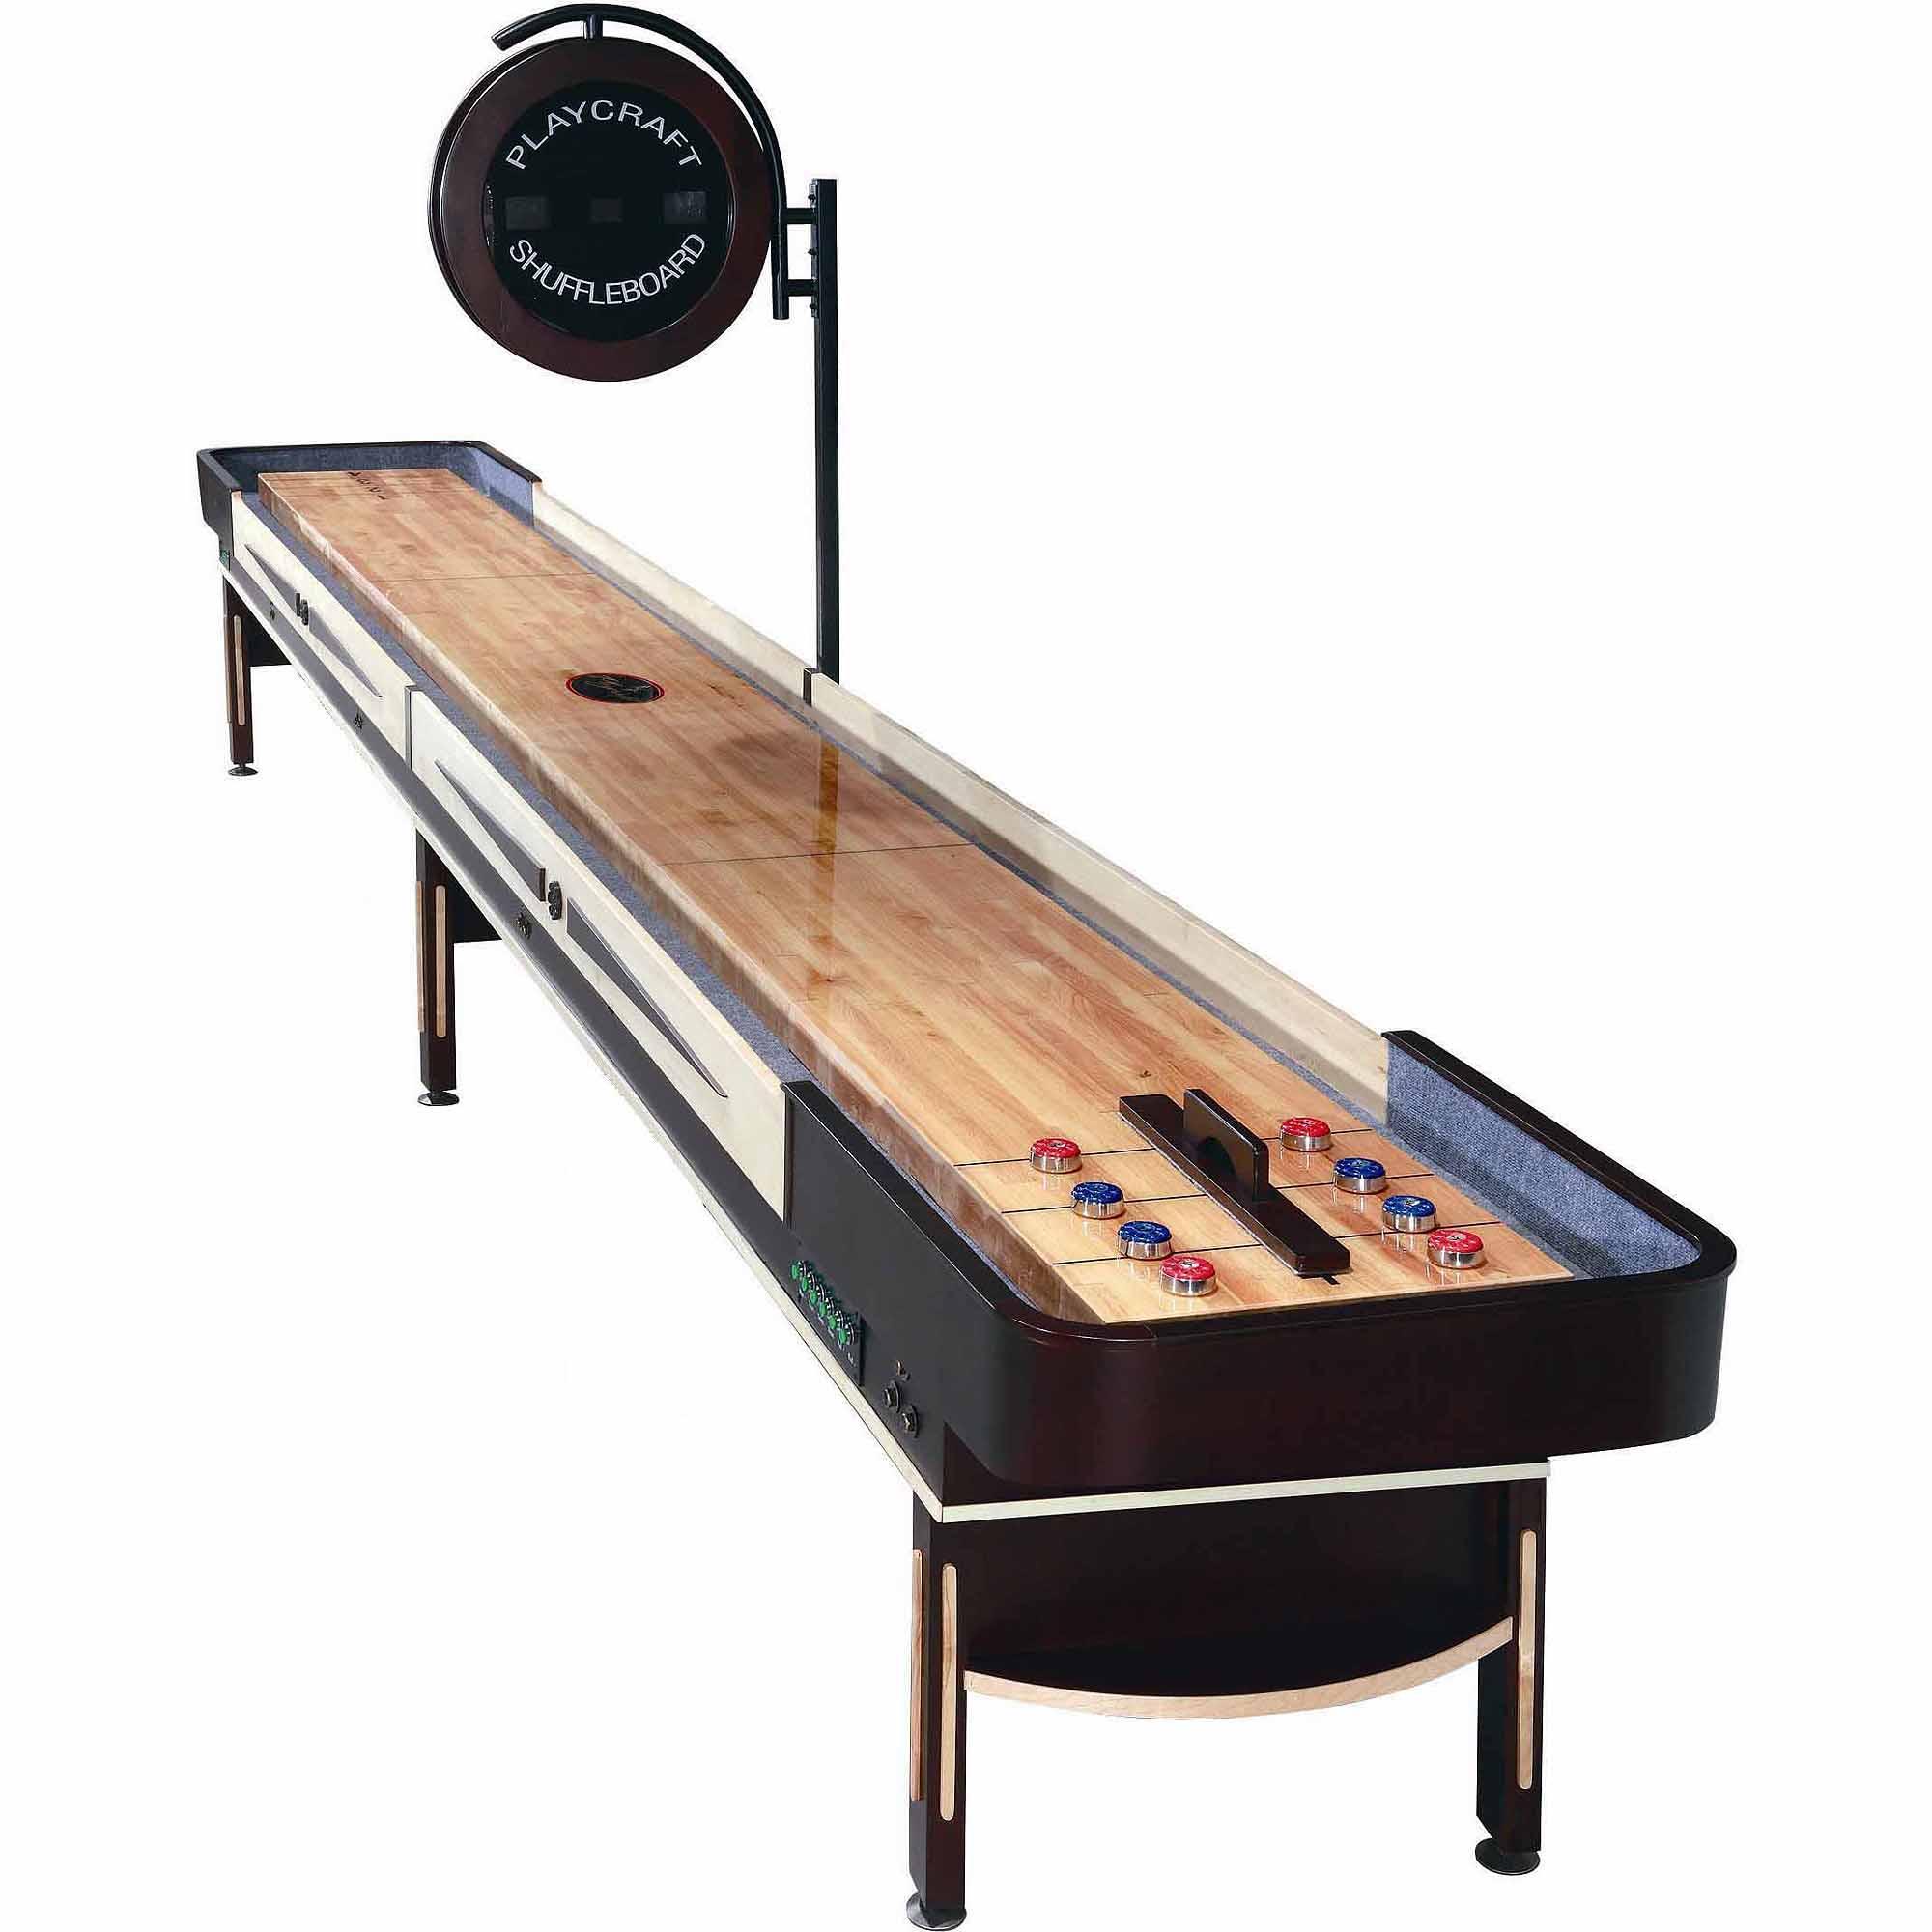 Playcraft Telluride Espresso 12' Shuffleboard Table